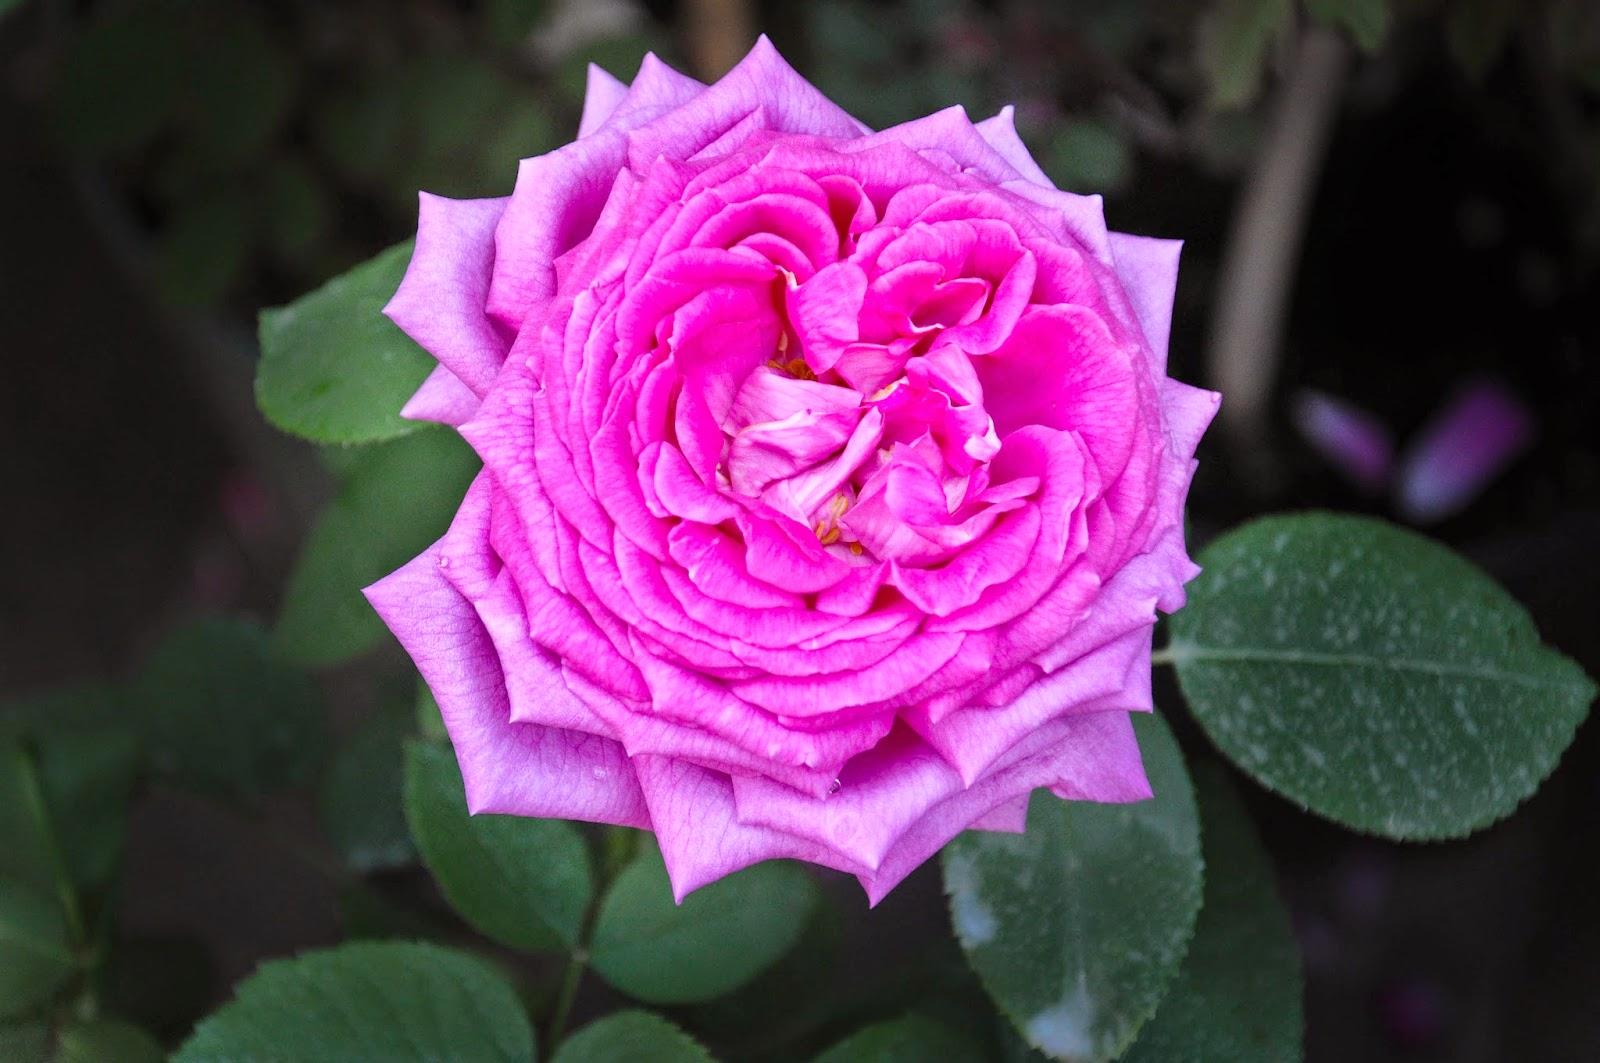 A rose, 7th Edition of 'Fiori, colori, e...' - Floriculture market show, Vicenza, Italy